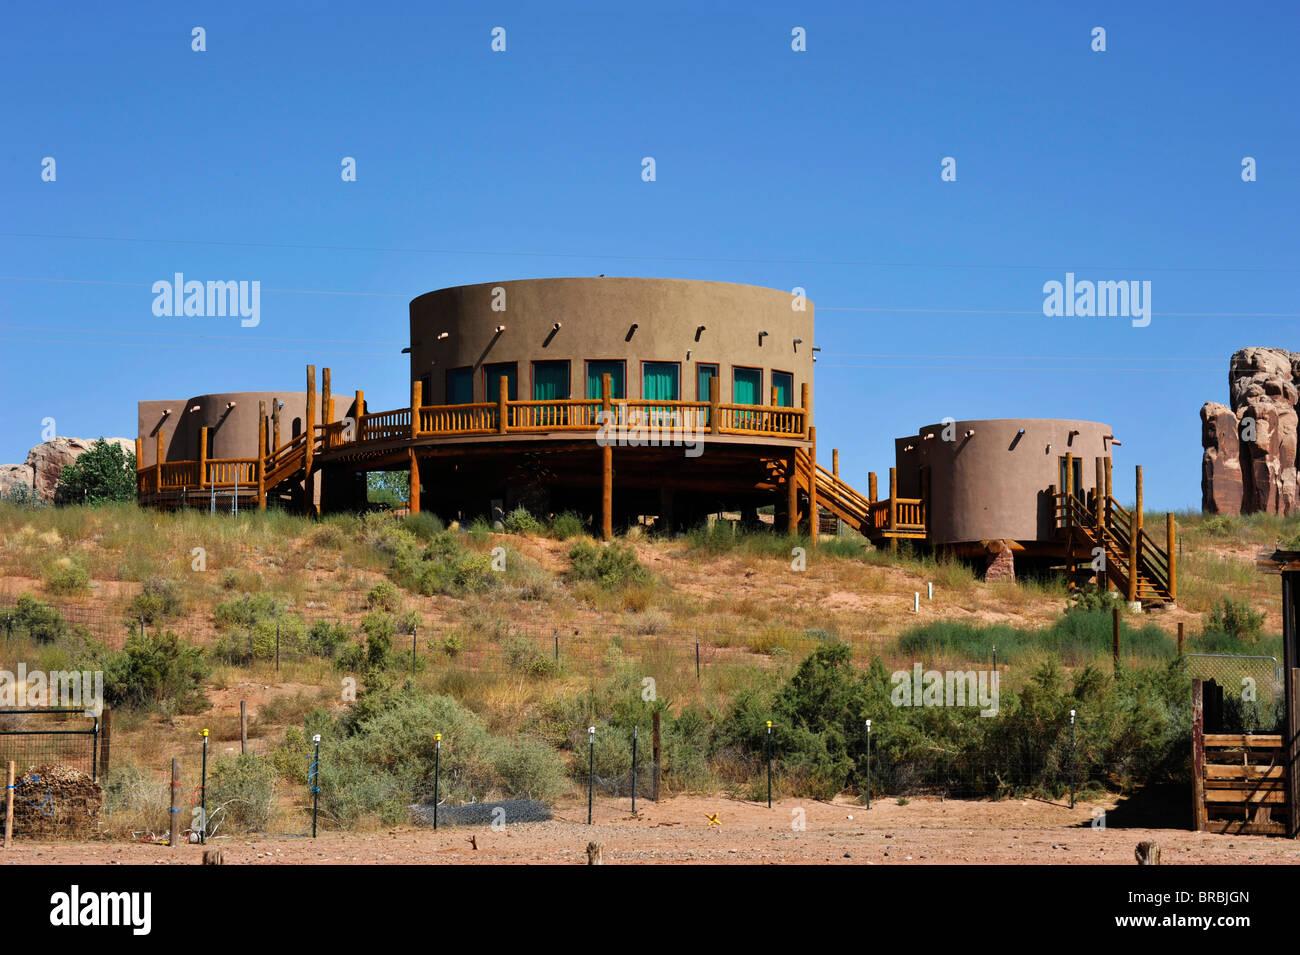 Casa de vacaciones desierto Bluff Arizona EE.UU. Imagen De Stock